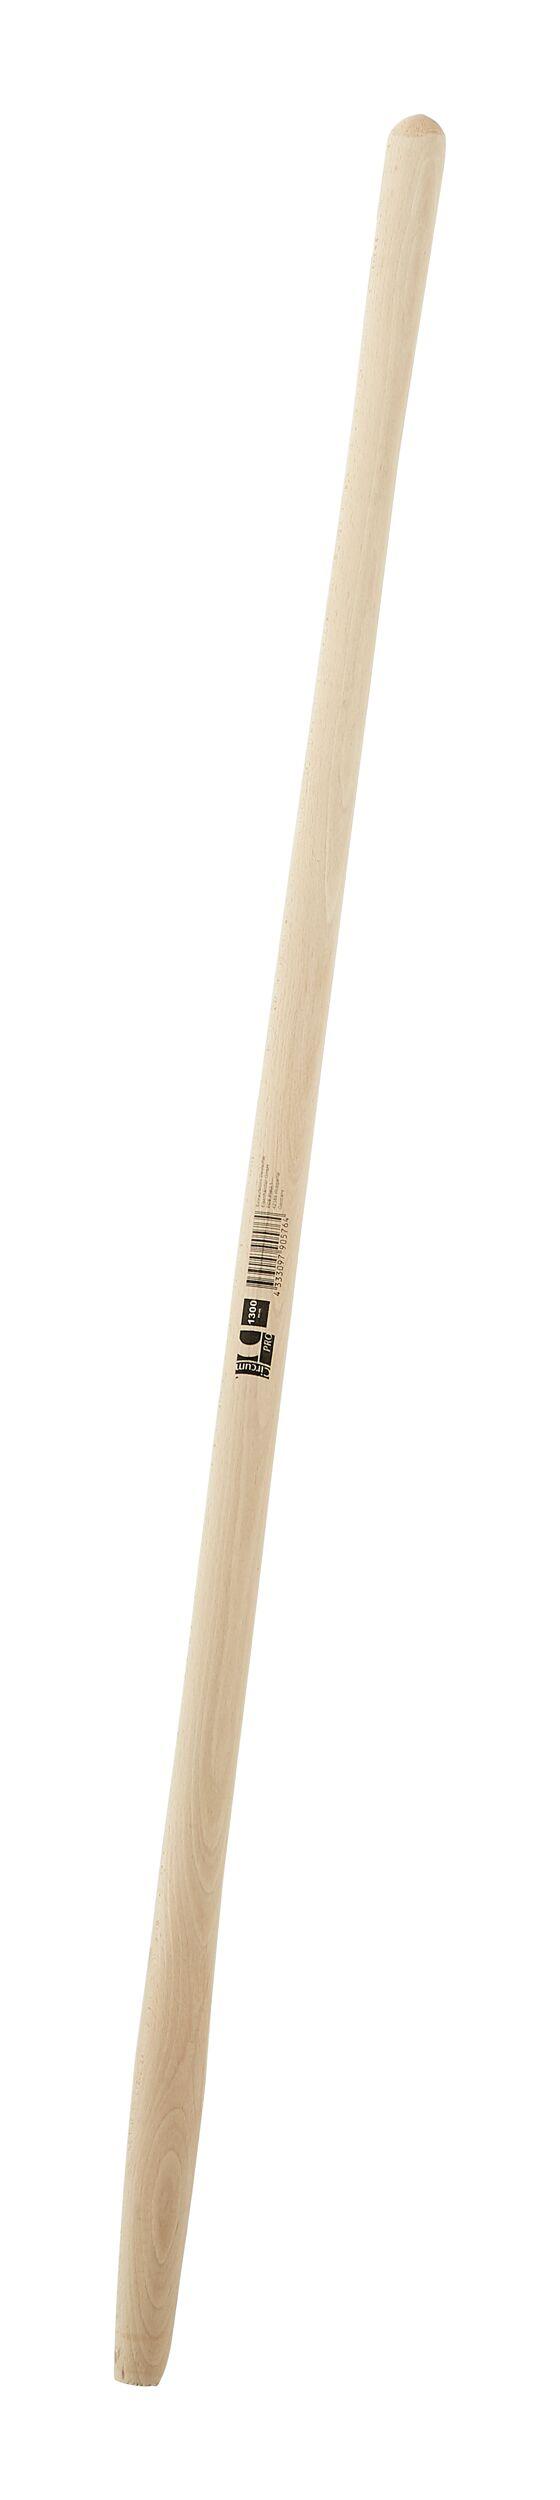 Schaufelstiel 130cm Ersatzstiel Gabelstiel Esche gebogen Holzstiel 1300mm Stiel